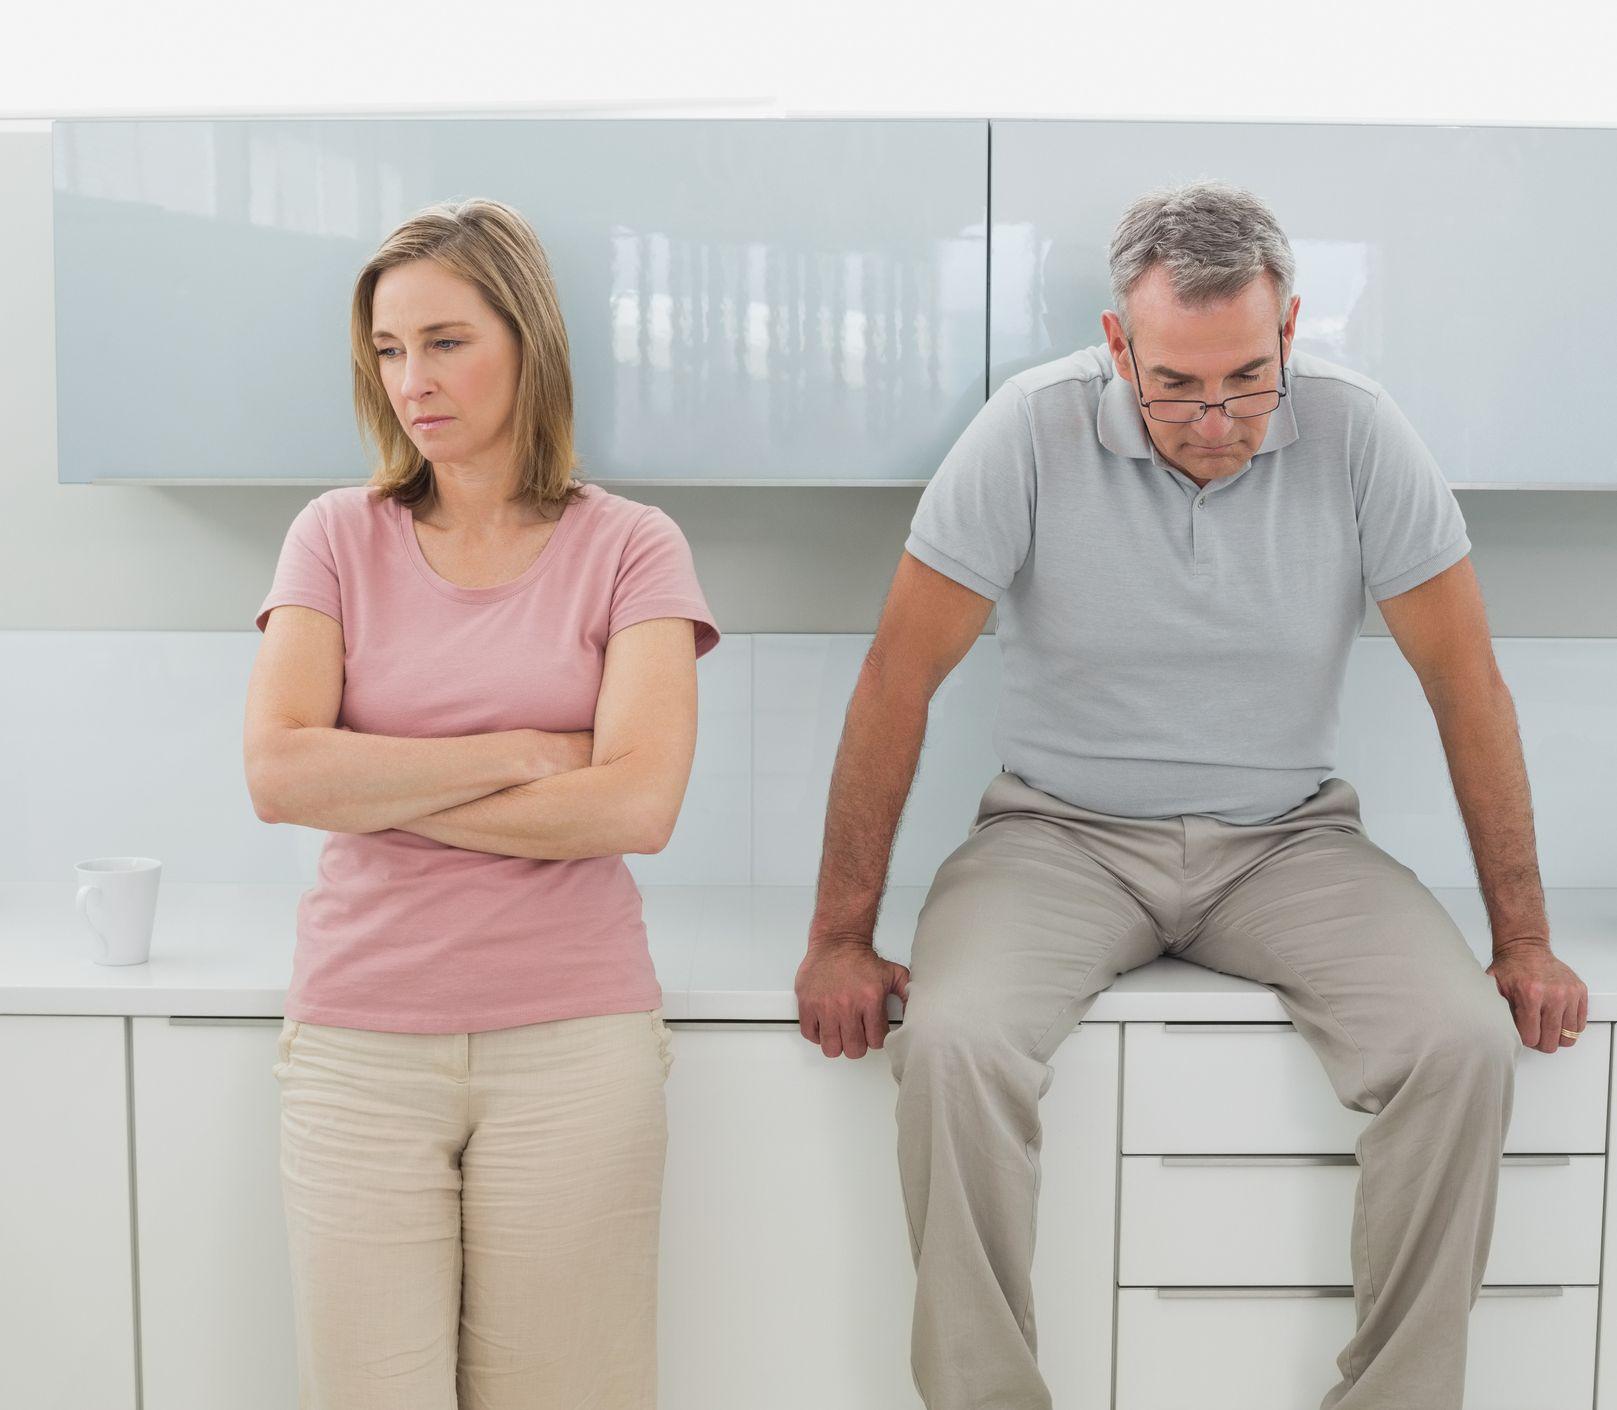 Nevera ničí aj dlhoročné manželstvá: Dá sa odpustiť alebo je dôvodom na rozvod?